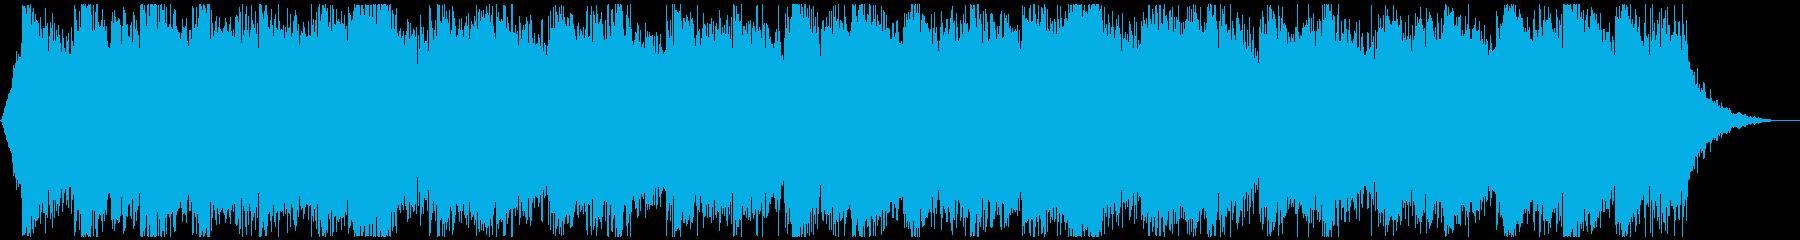 衝撃事件ミステリー再現シネマティック1の再生済みの波形